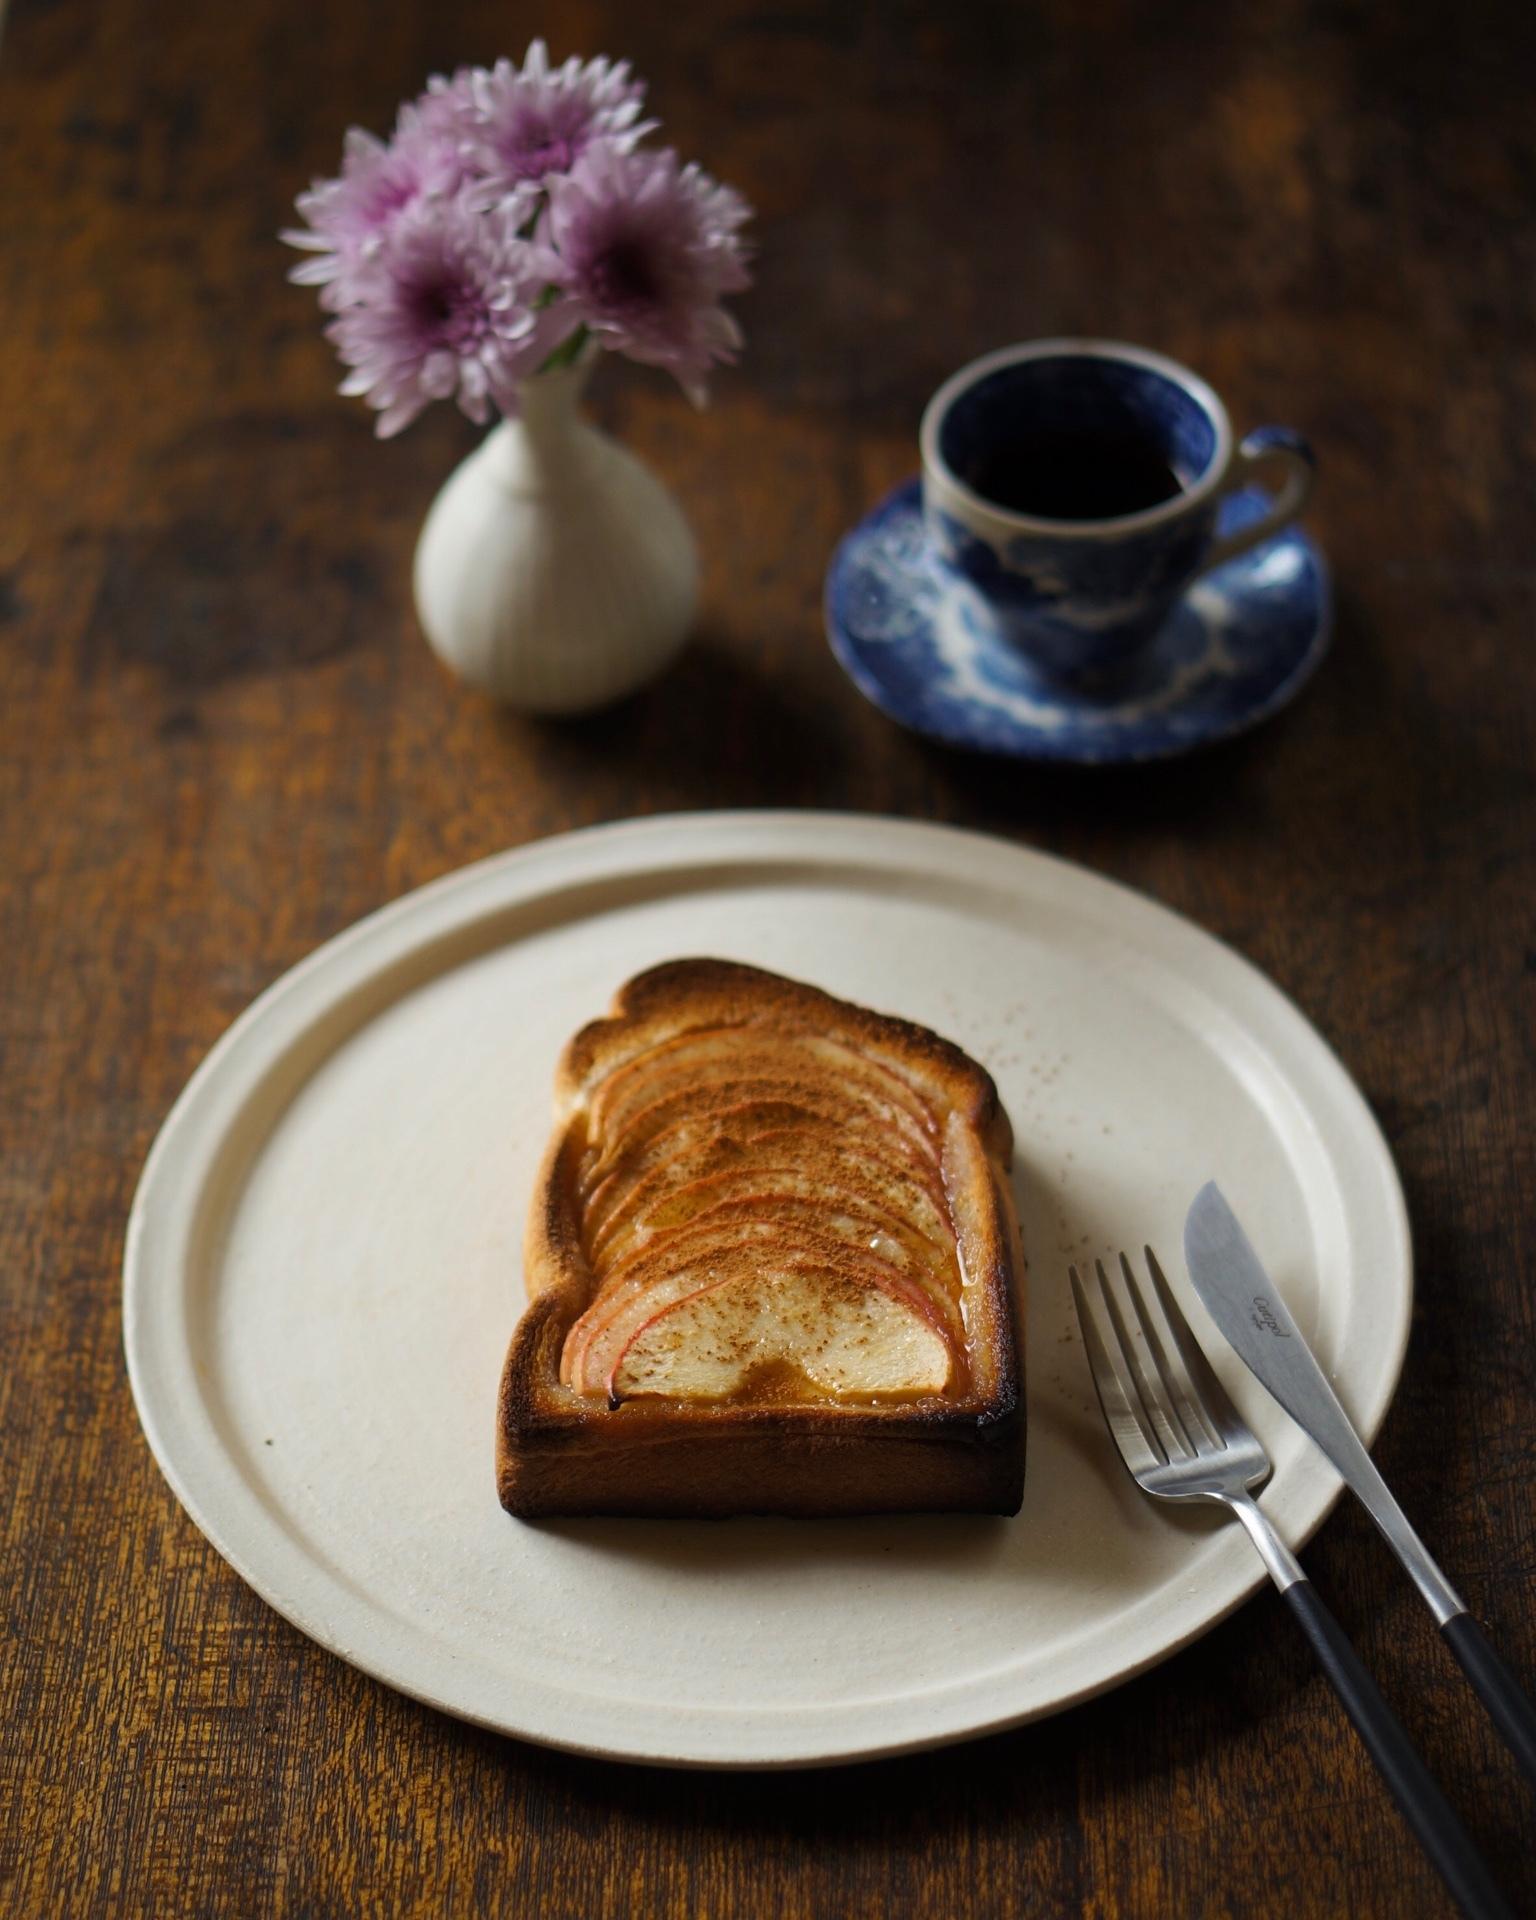 朝が楽しみになるトースト_1_4